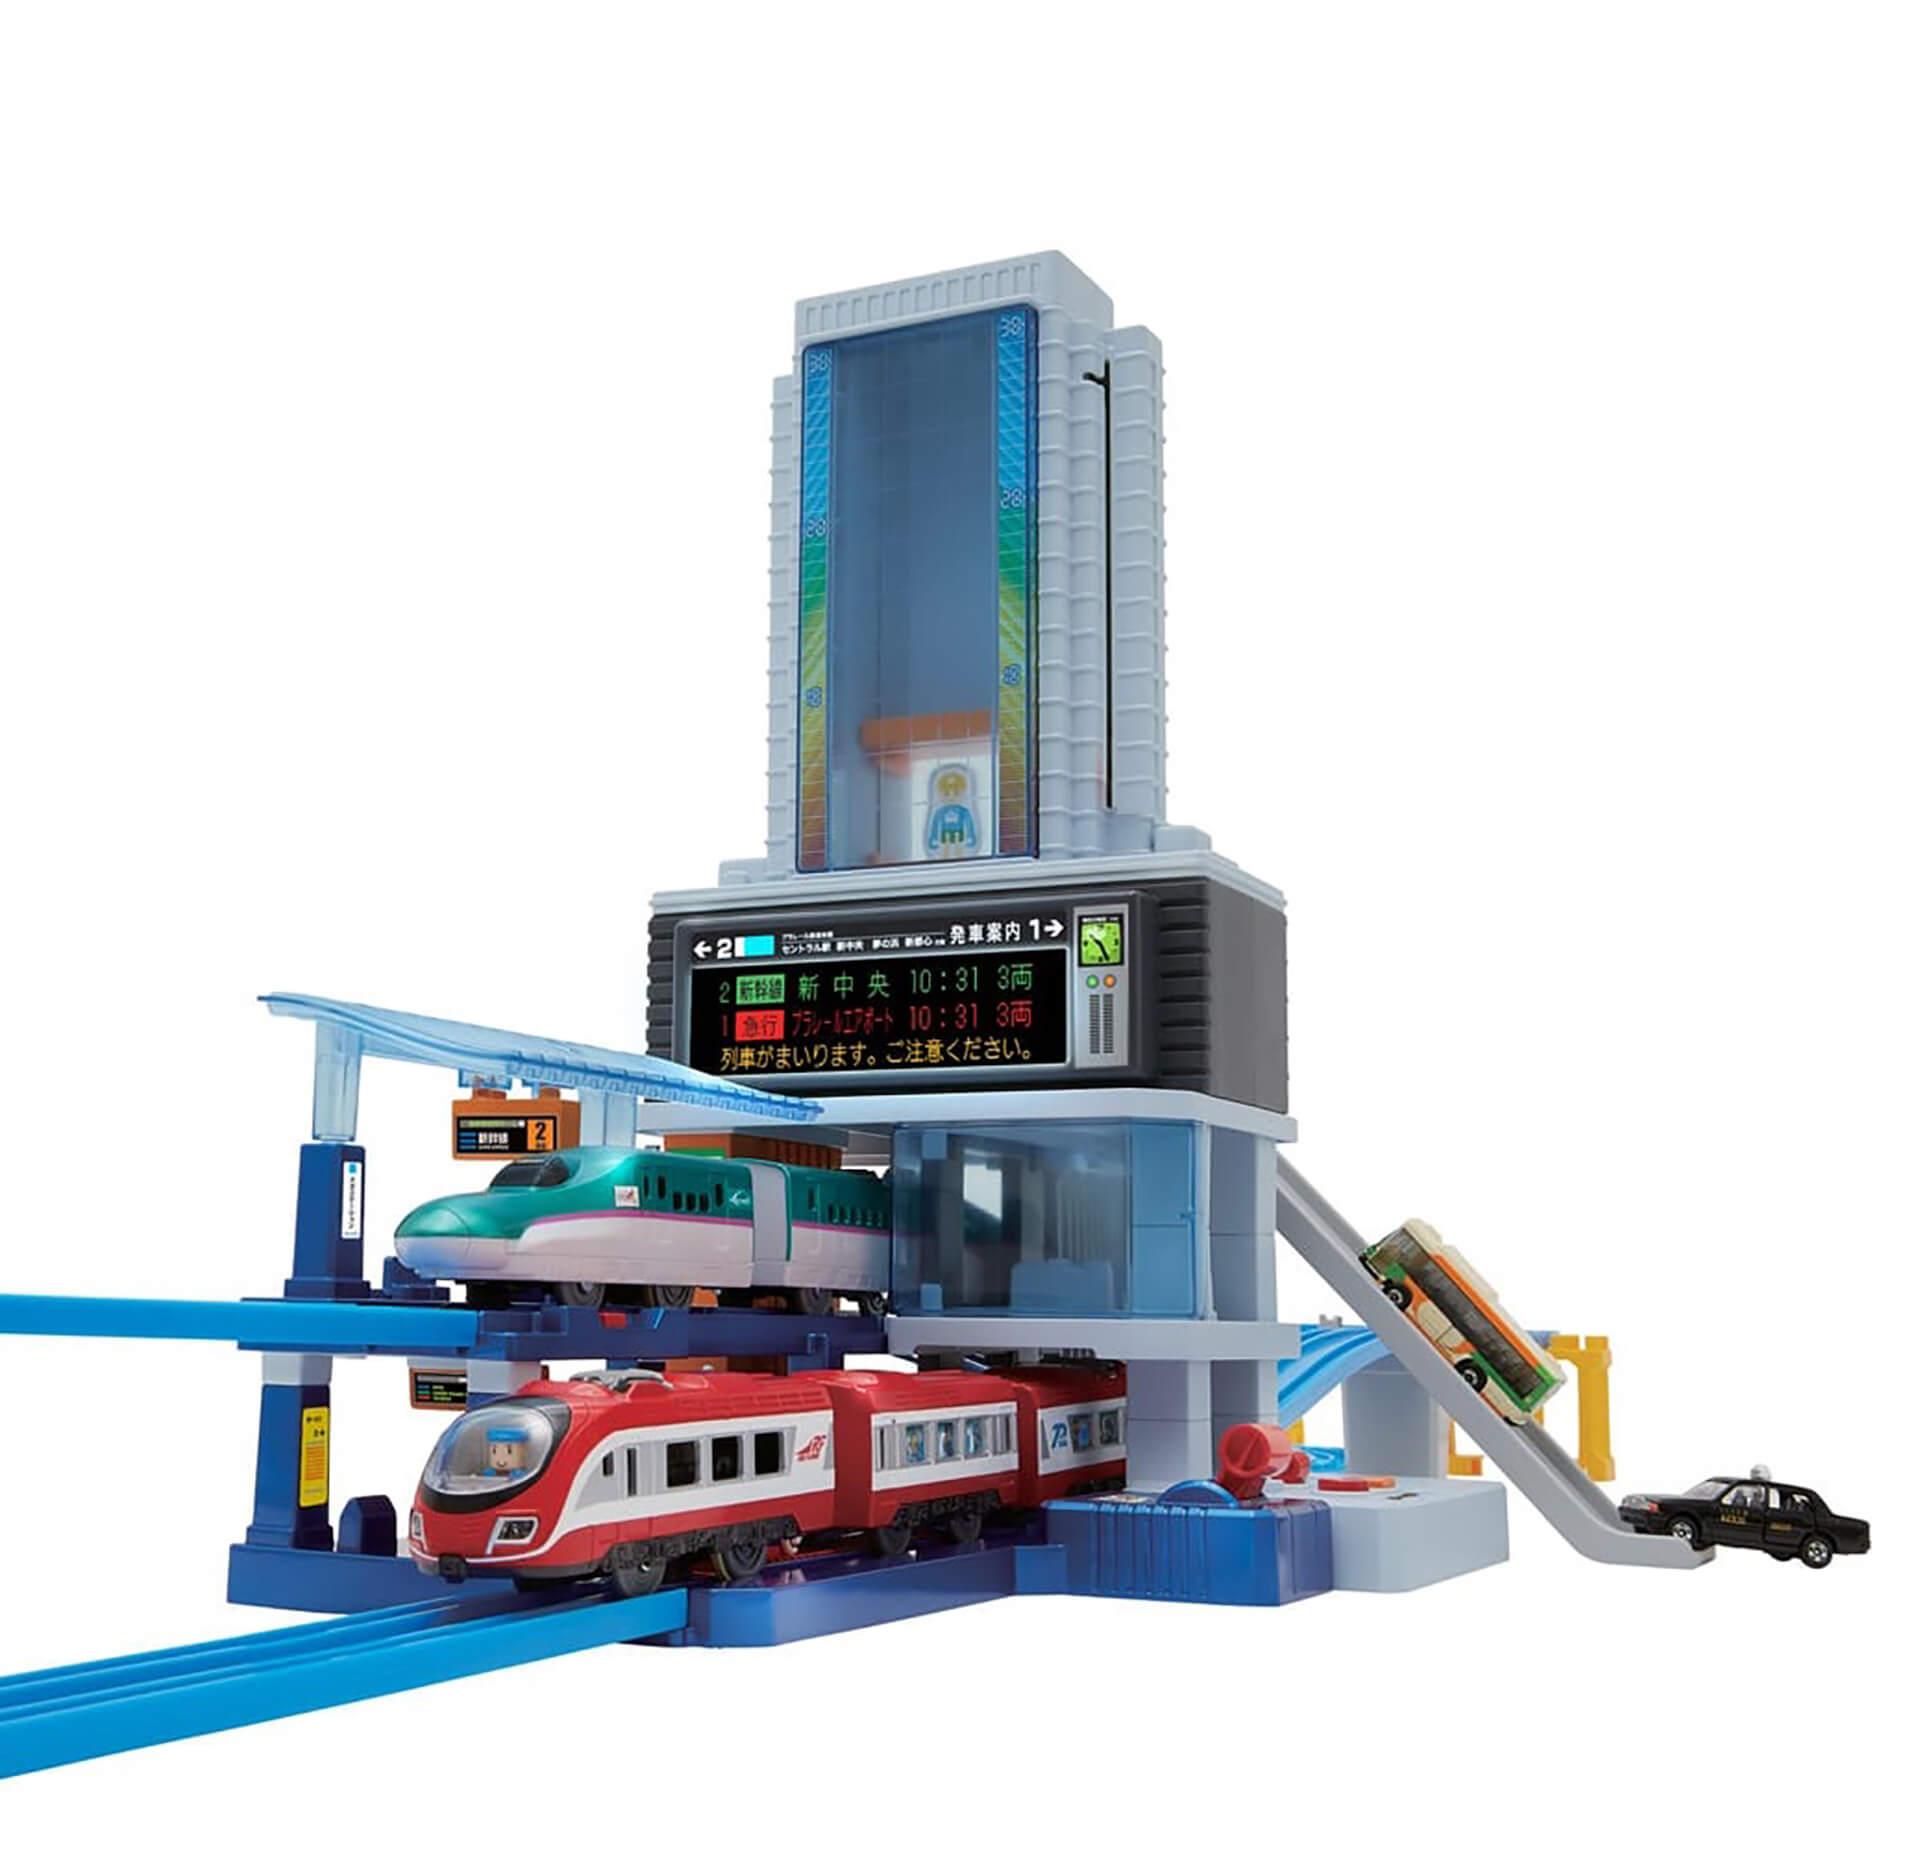 この写真は西武ちちプラレール駅のラリー達成の抽選でもらえるメガ駅ビル